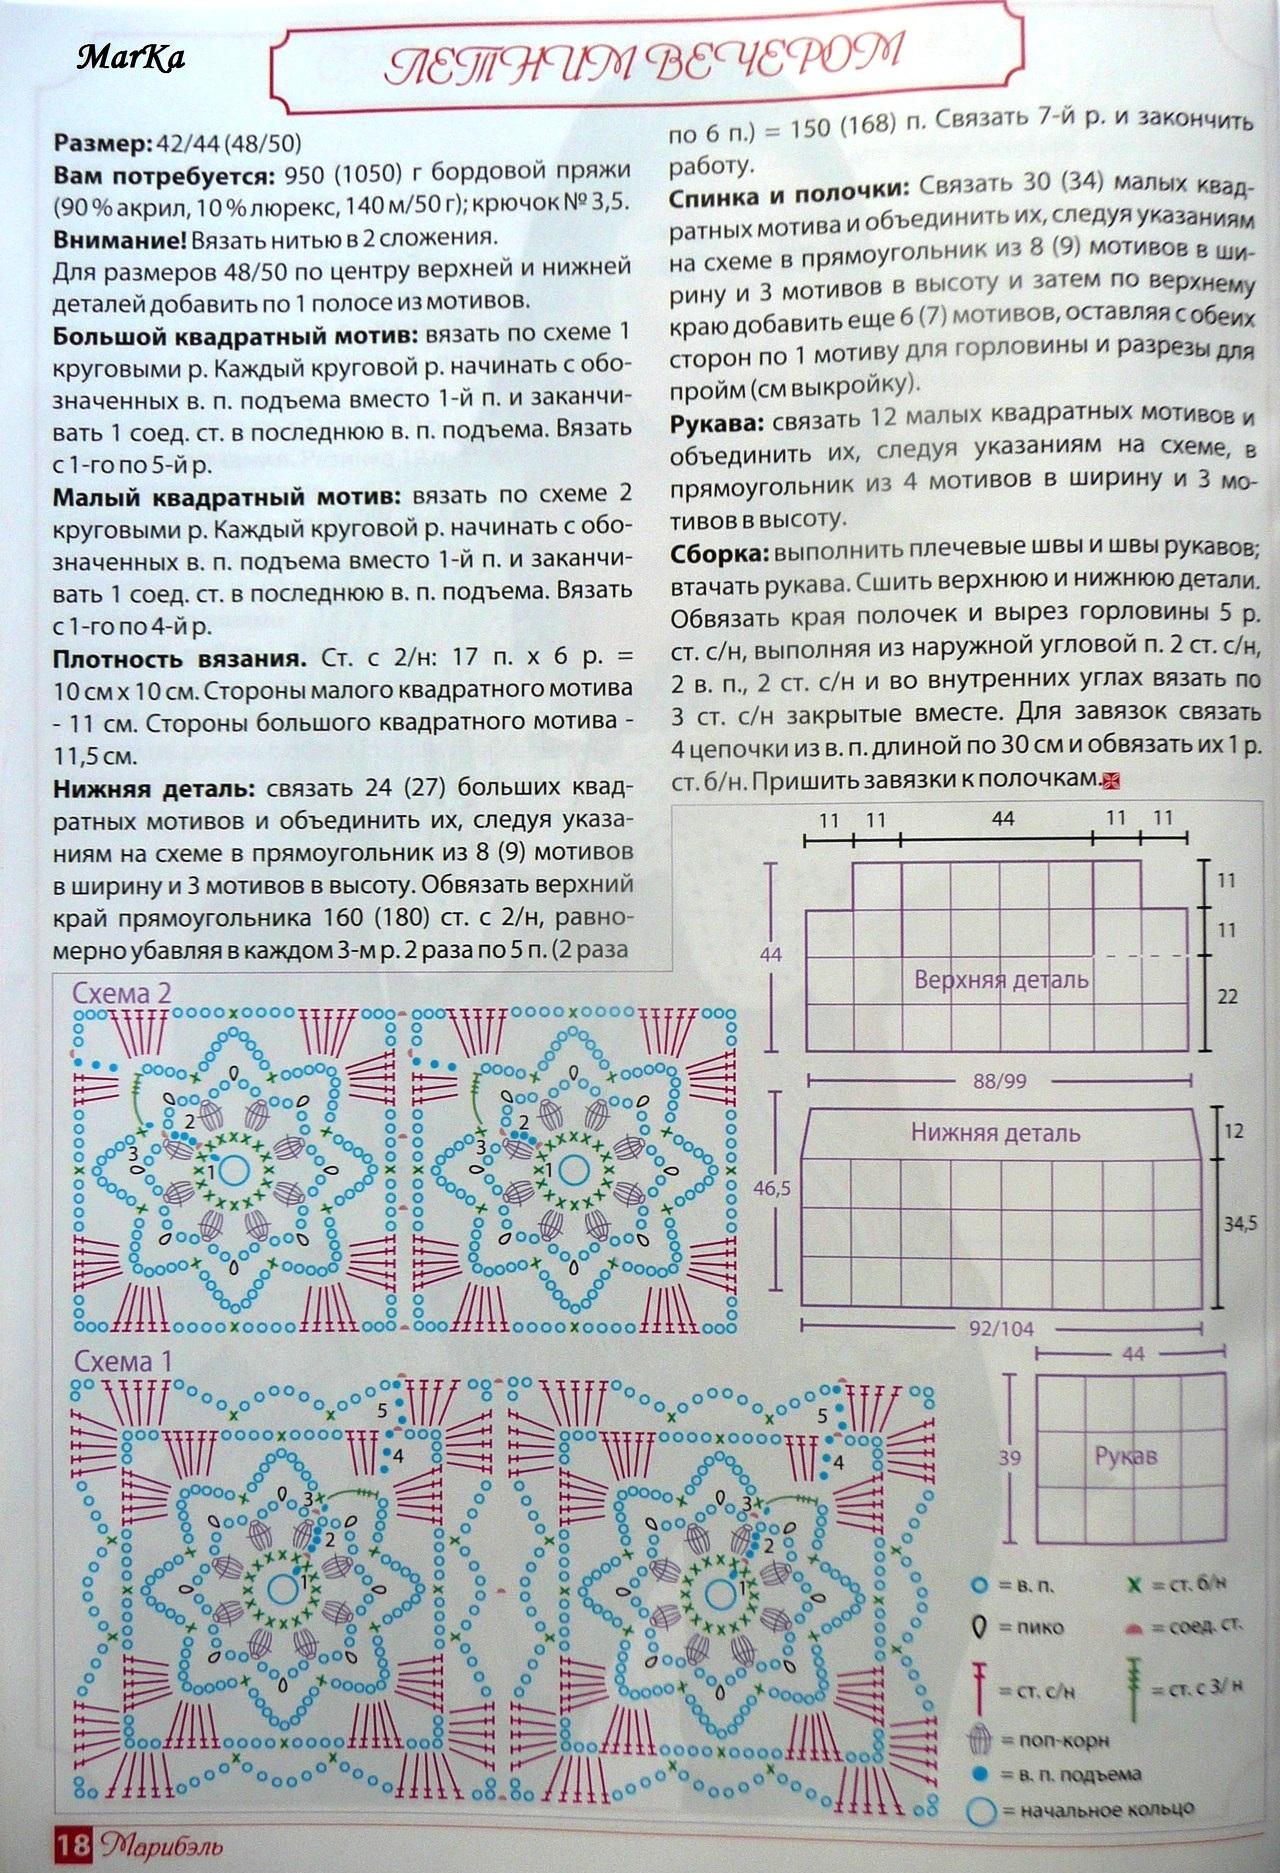 vjazanie-kardigana-krjuchkom-shemy-1